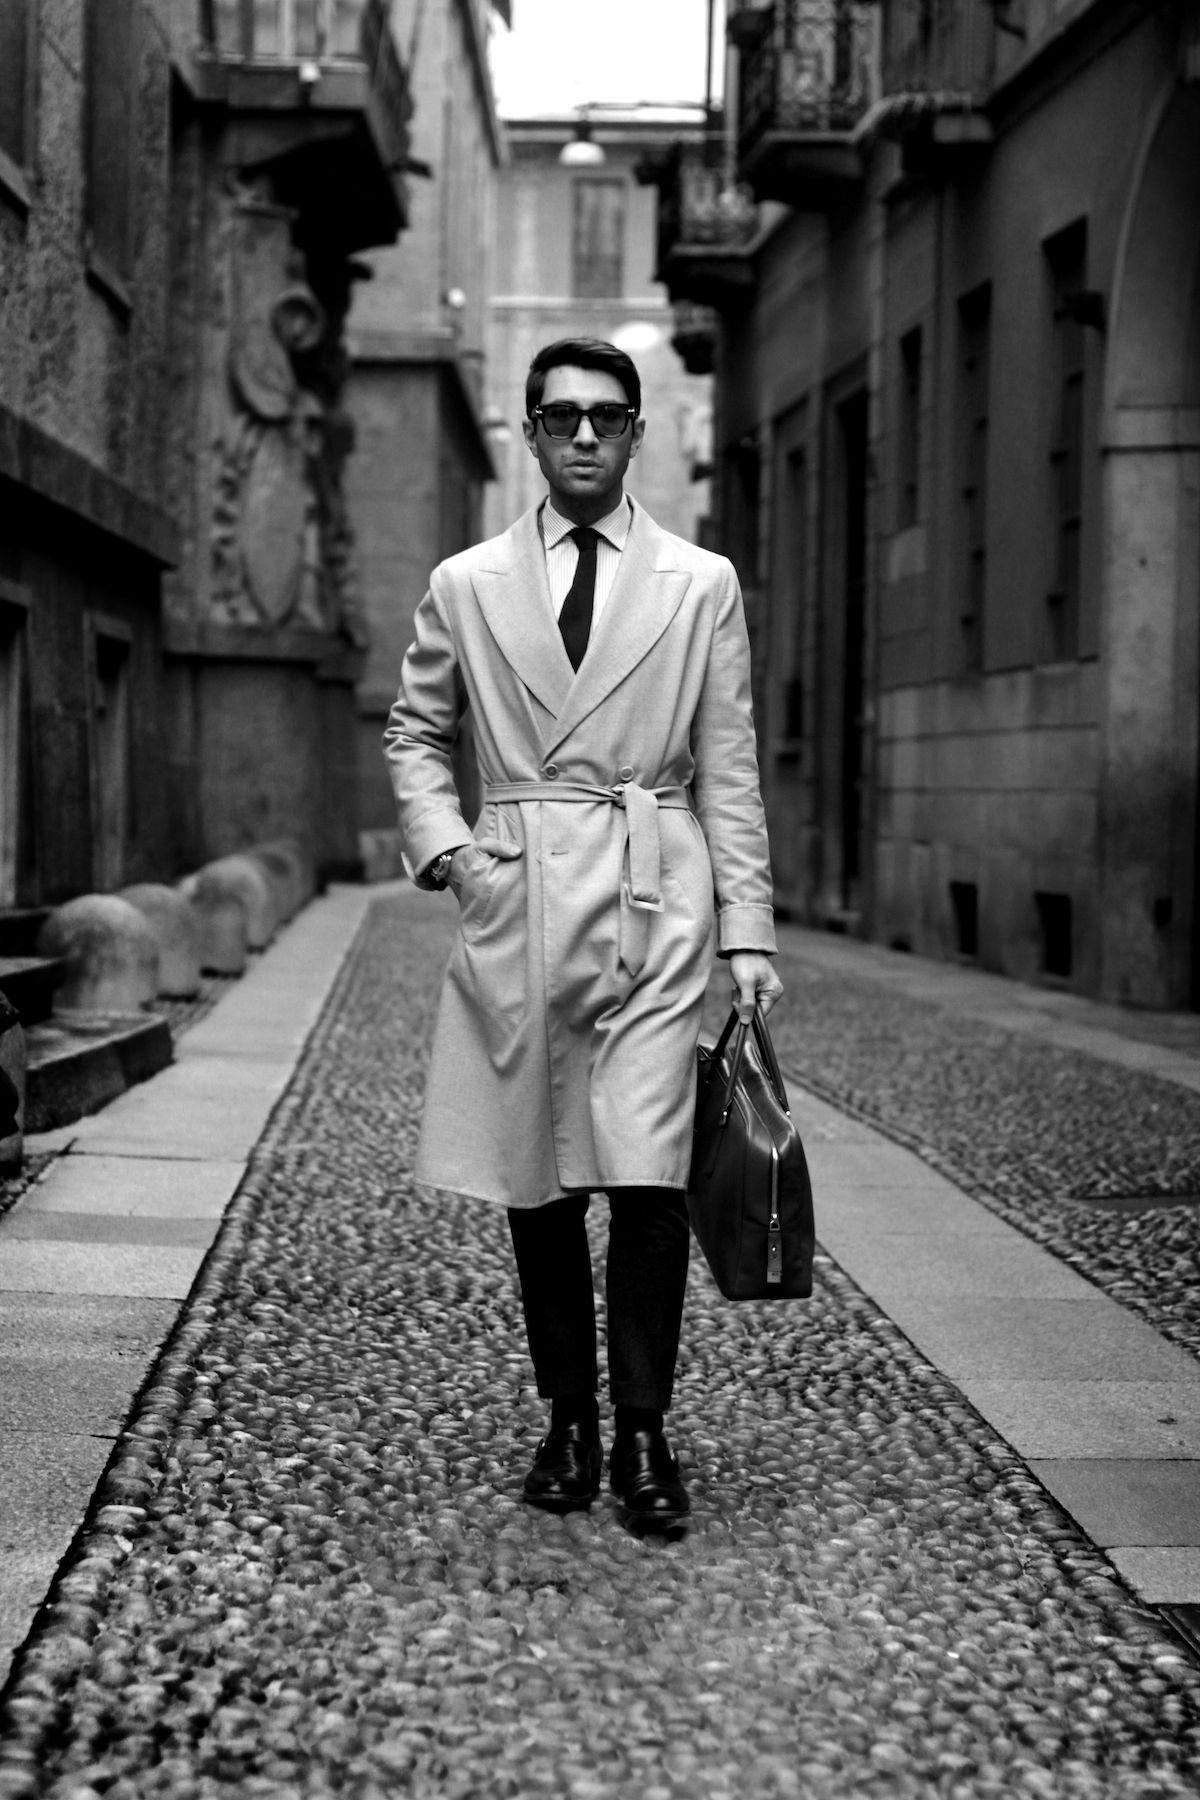 Ermanno Scervino SS 2015 coat Yves Saint Laurent vintage tie Audemars  Piguet Millenary watch Boglioli pants Prada Saffiano briefcase 0ea08c40388